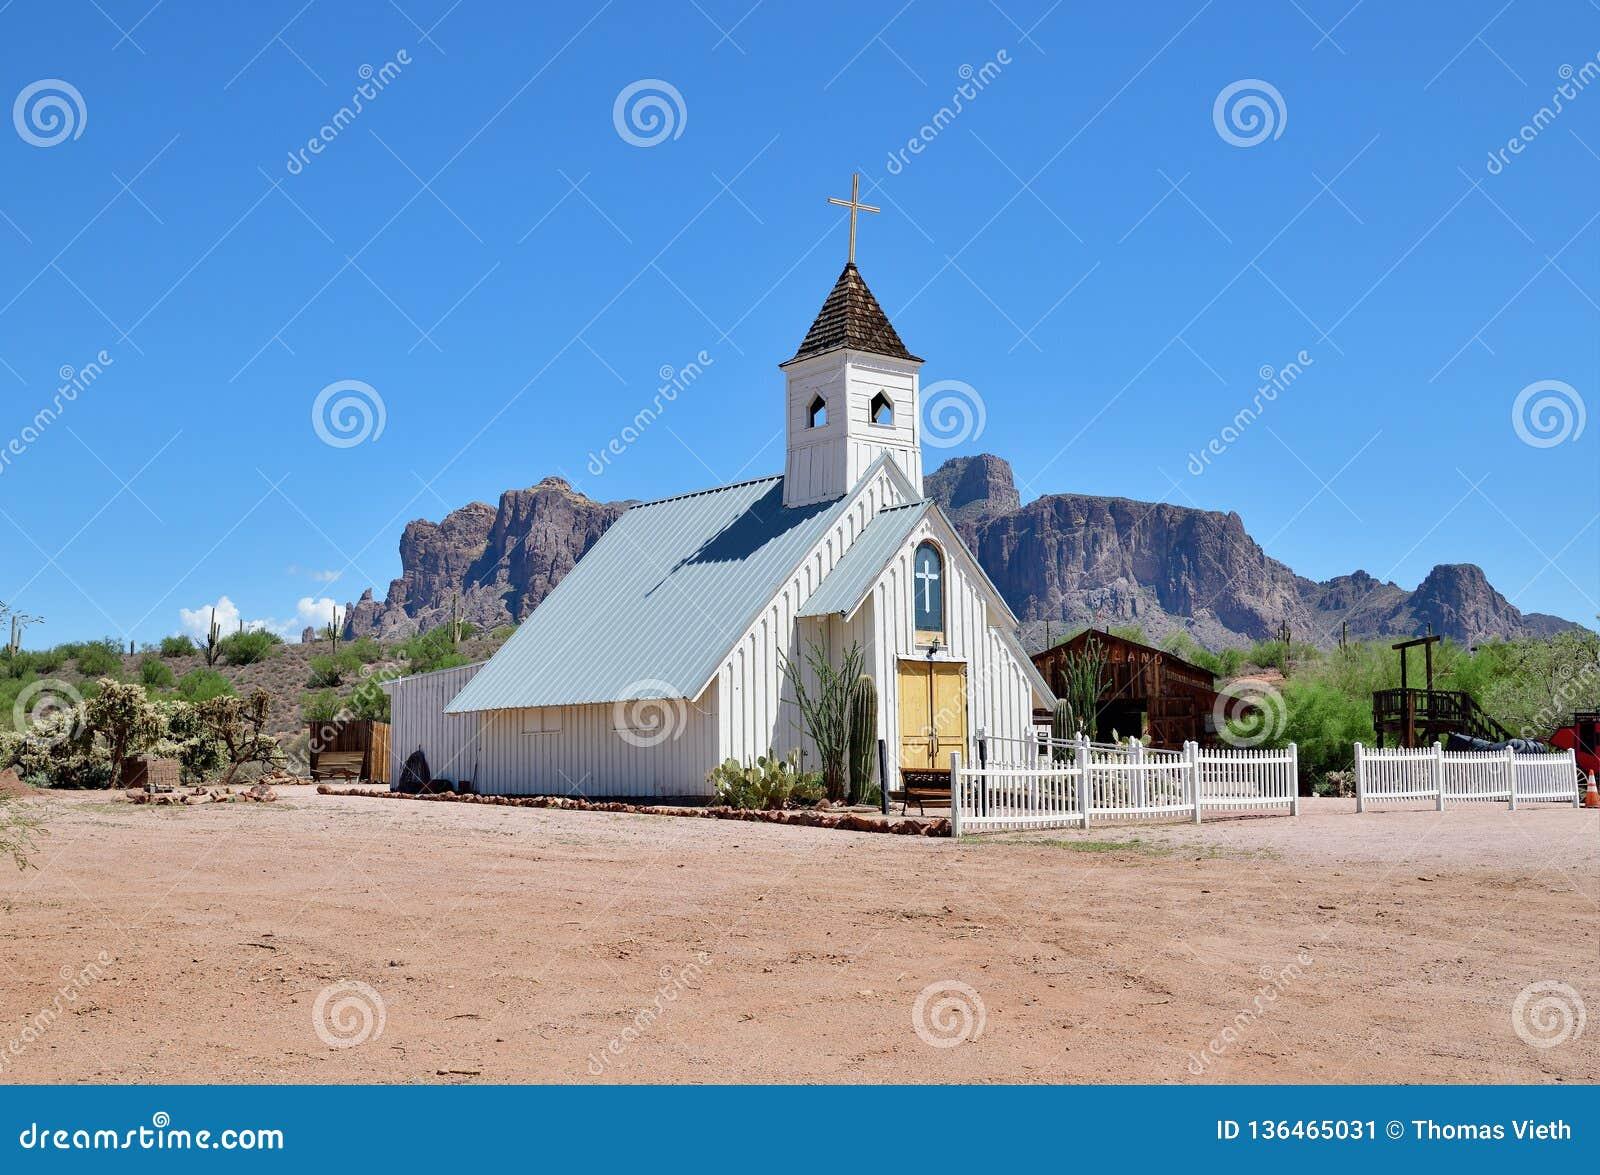 ΑΜΕΡΙΚΑΝΙΚΗ, Αριζόνα/Apache σύνδεση: Μουσείο βουνών δεισιδαιμονίας - γαμήλιο παρεκκλησι